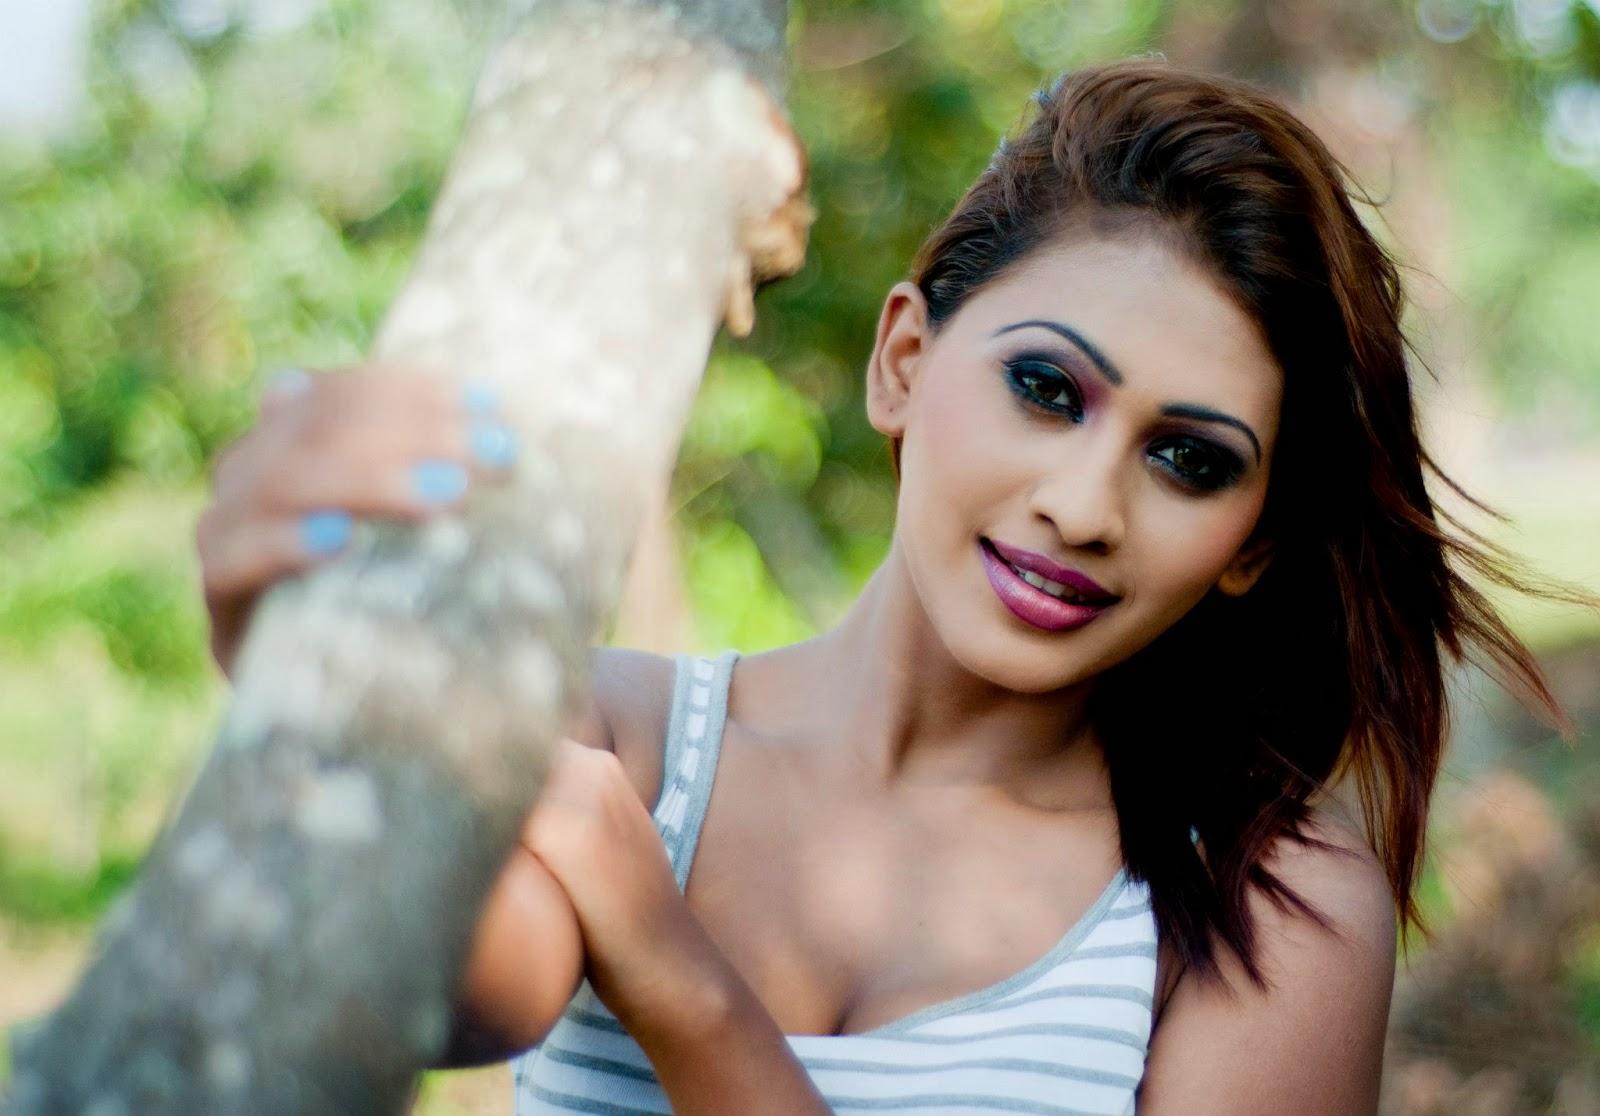 SL Hot Actress Pics: Piumi Hansamali hot back pics